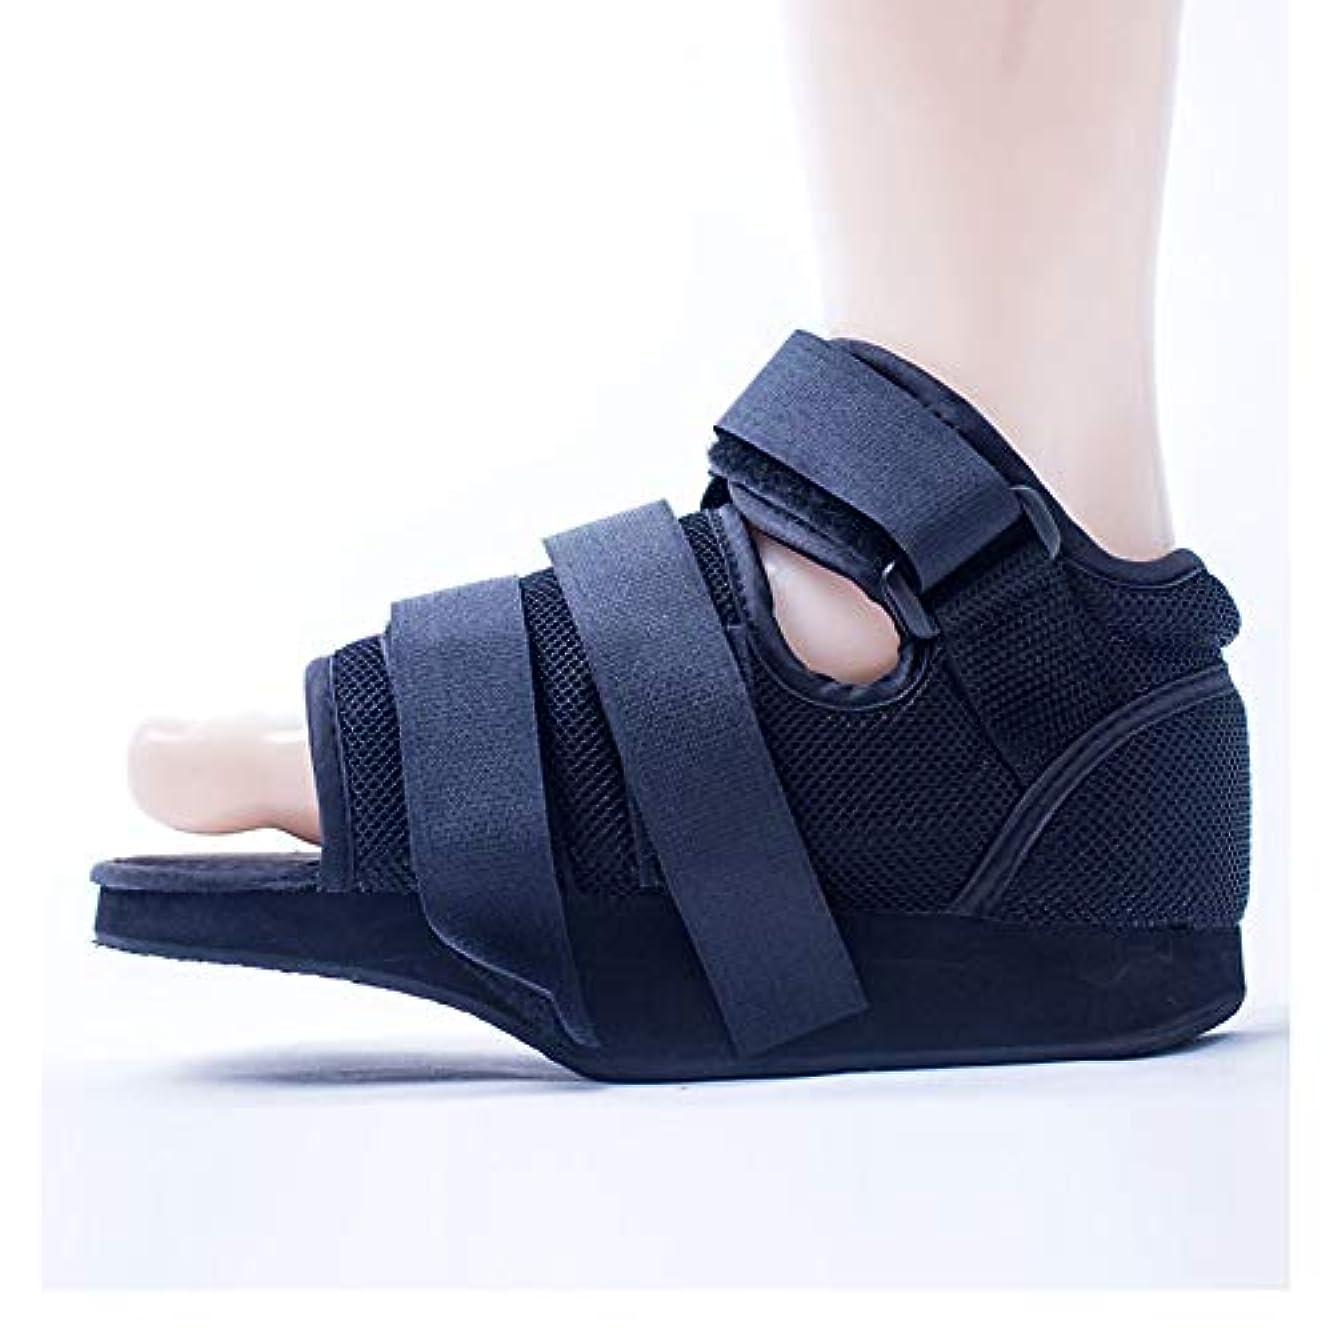 刺します自然公園ぺディカブ壊れたつま先/足の骨折のための術後スクエアトゥウォーキングシューズ - ボトムキャストシューズ術後の靴 - 調節可能な医療ウォーキングブーツ (Size : M)